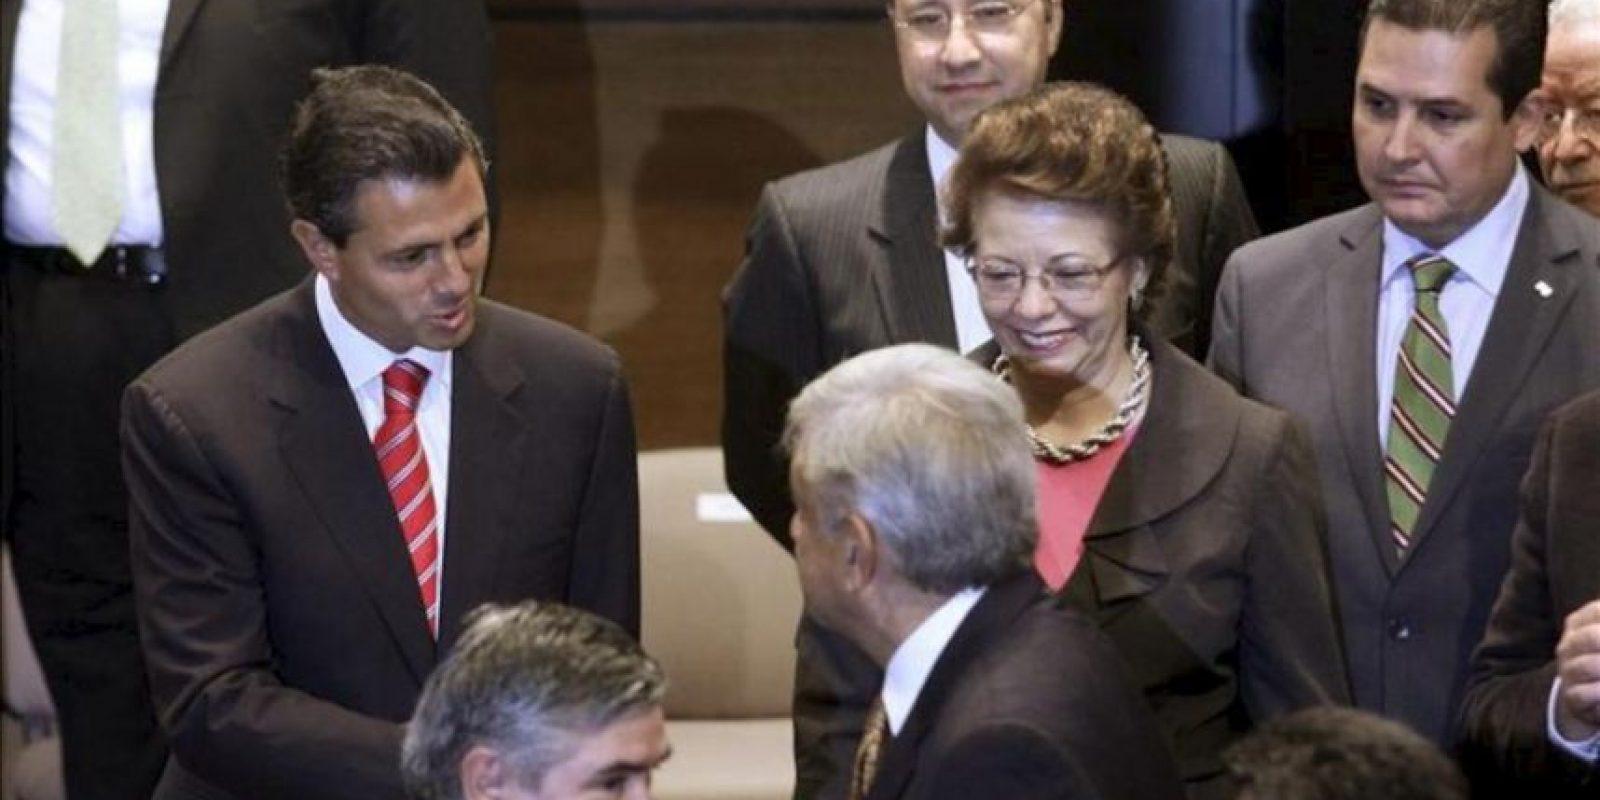 Los candidatos presidenciales de México Enrique Peña Nieto (i) y Andrés Manuel López Obrador (d) se saludan hoy, jueves 28 de junio de 2012, durante la firma de un pacto para respetar los resultados de las elecciones del próximo domingo, en Ciudad de México. En el evento también participaron los aspirantes Josefina Vázquez Mota y Gabriel Quadri. EFE